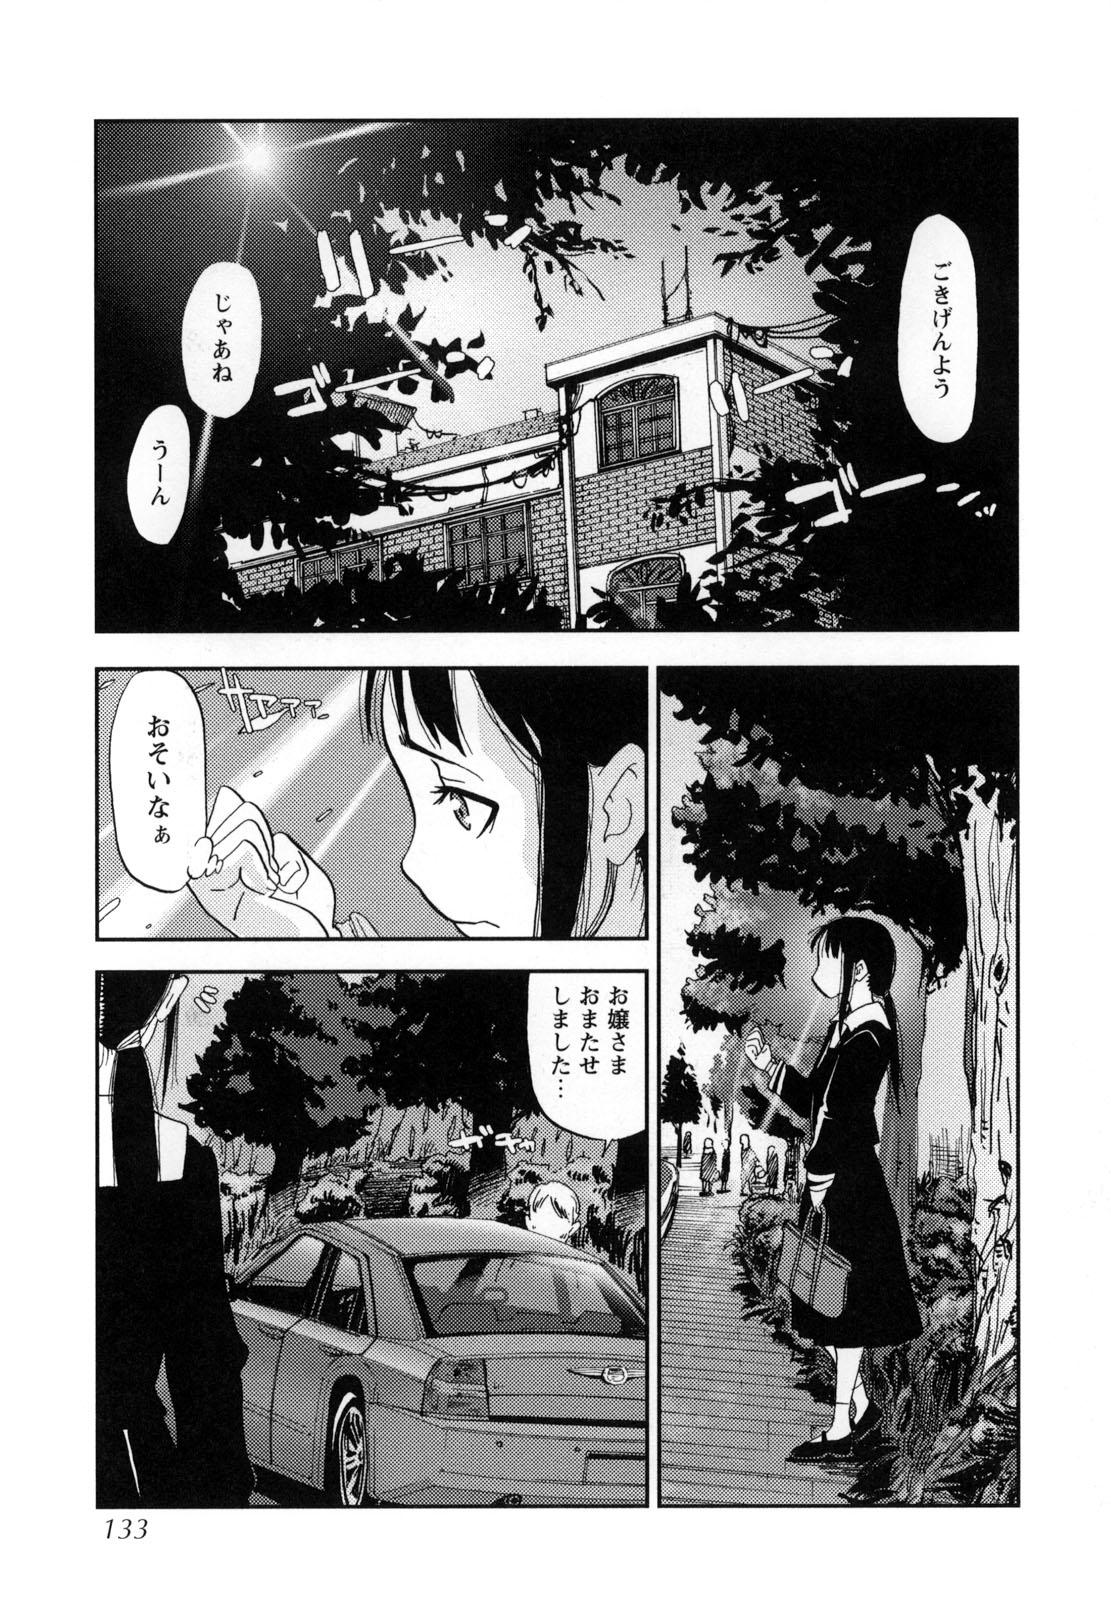 【エロ漫画】お嬢様は迎えの車を待っていると遅れて来て新人の運転手は札束で父の商売敵に買われていてお仕置きされる。【無料 エロ同人】